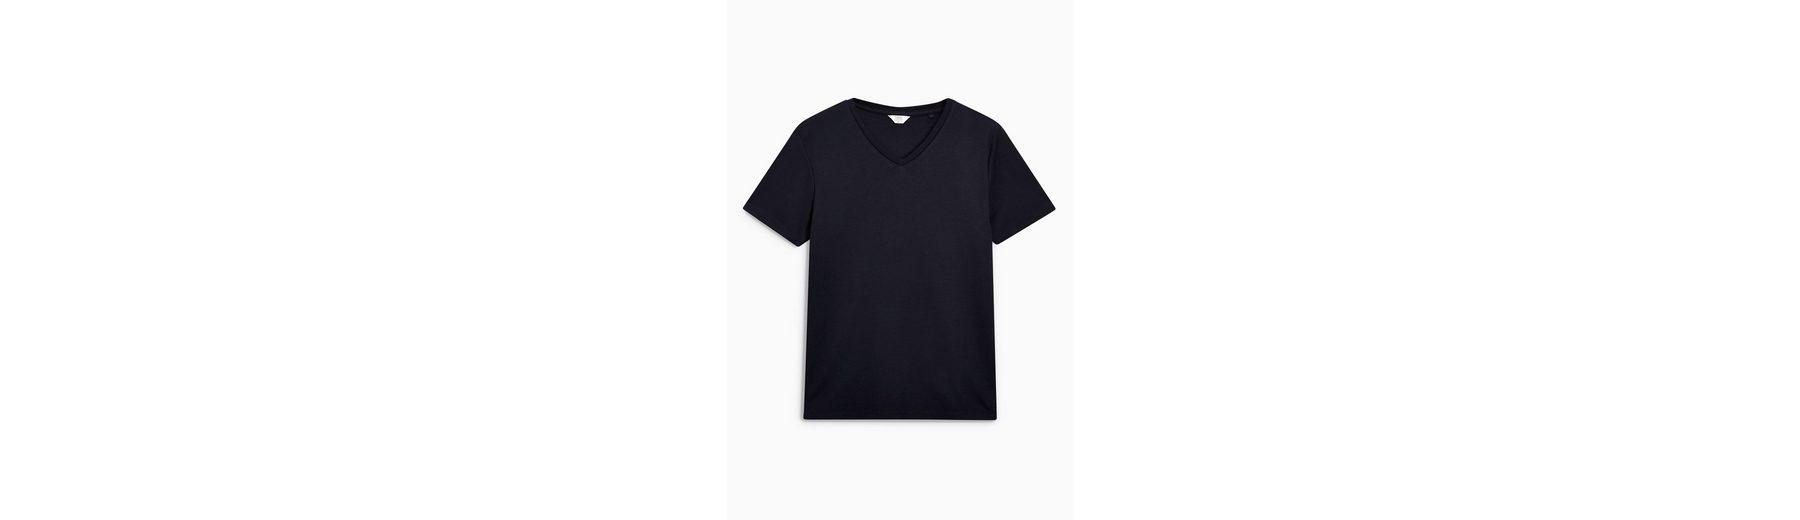 Billig Verkauf Manchester Billige Neueste Next Hochwertiges T-Shirt mit V-Ausschnitt Auslass 100% Garantiert Professionelle Online 9hikxrsNG0